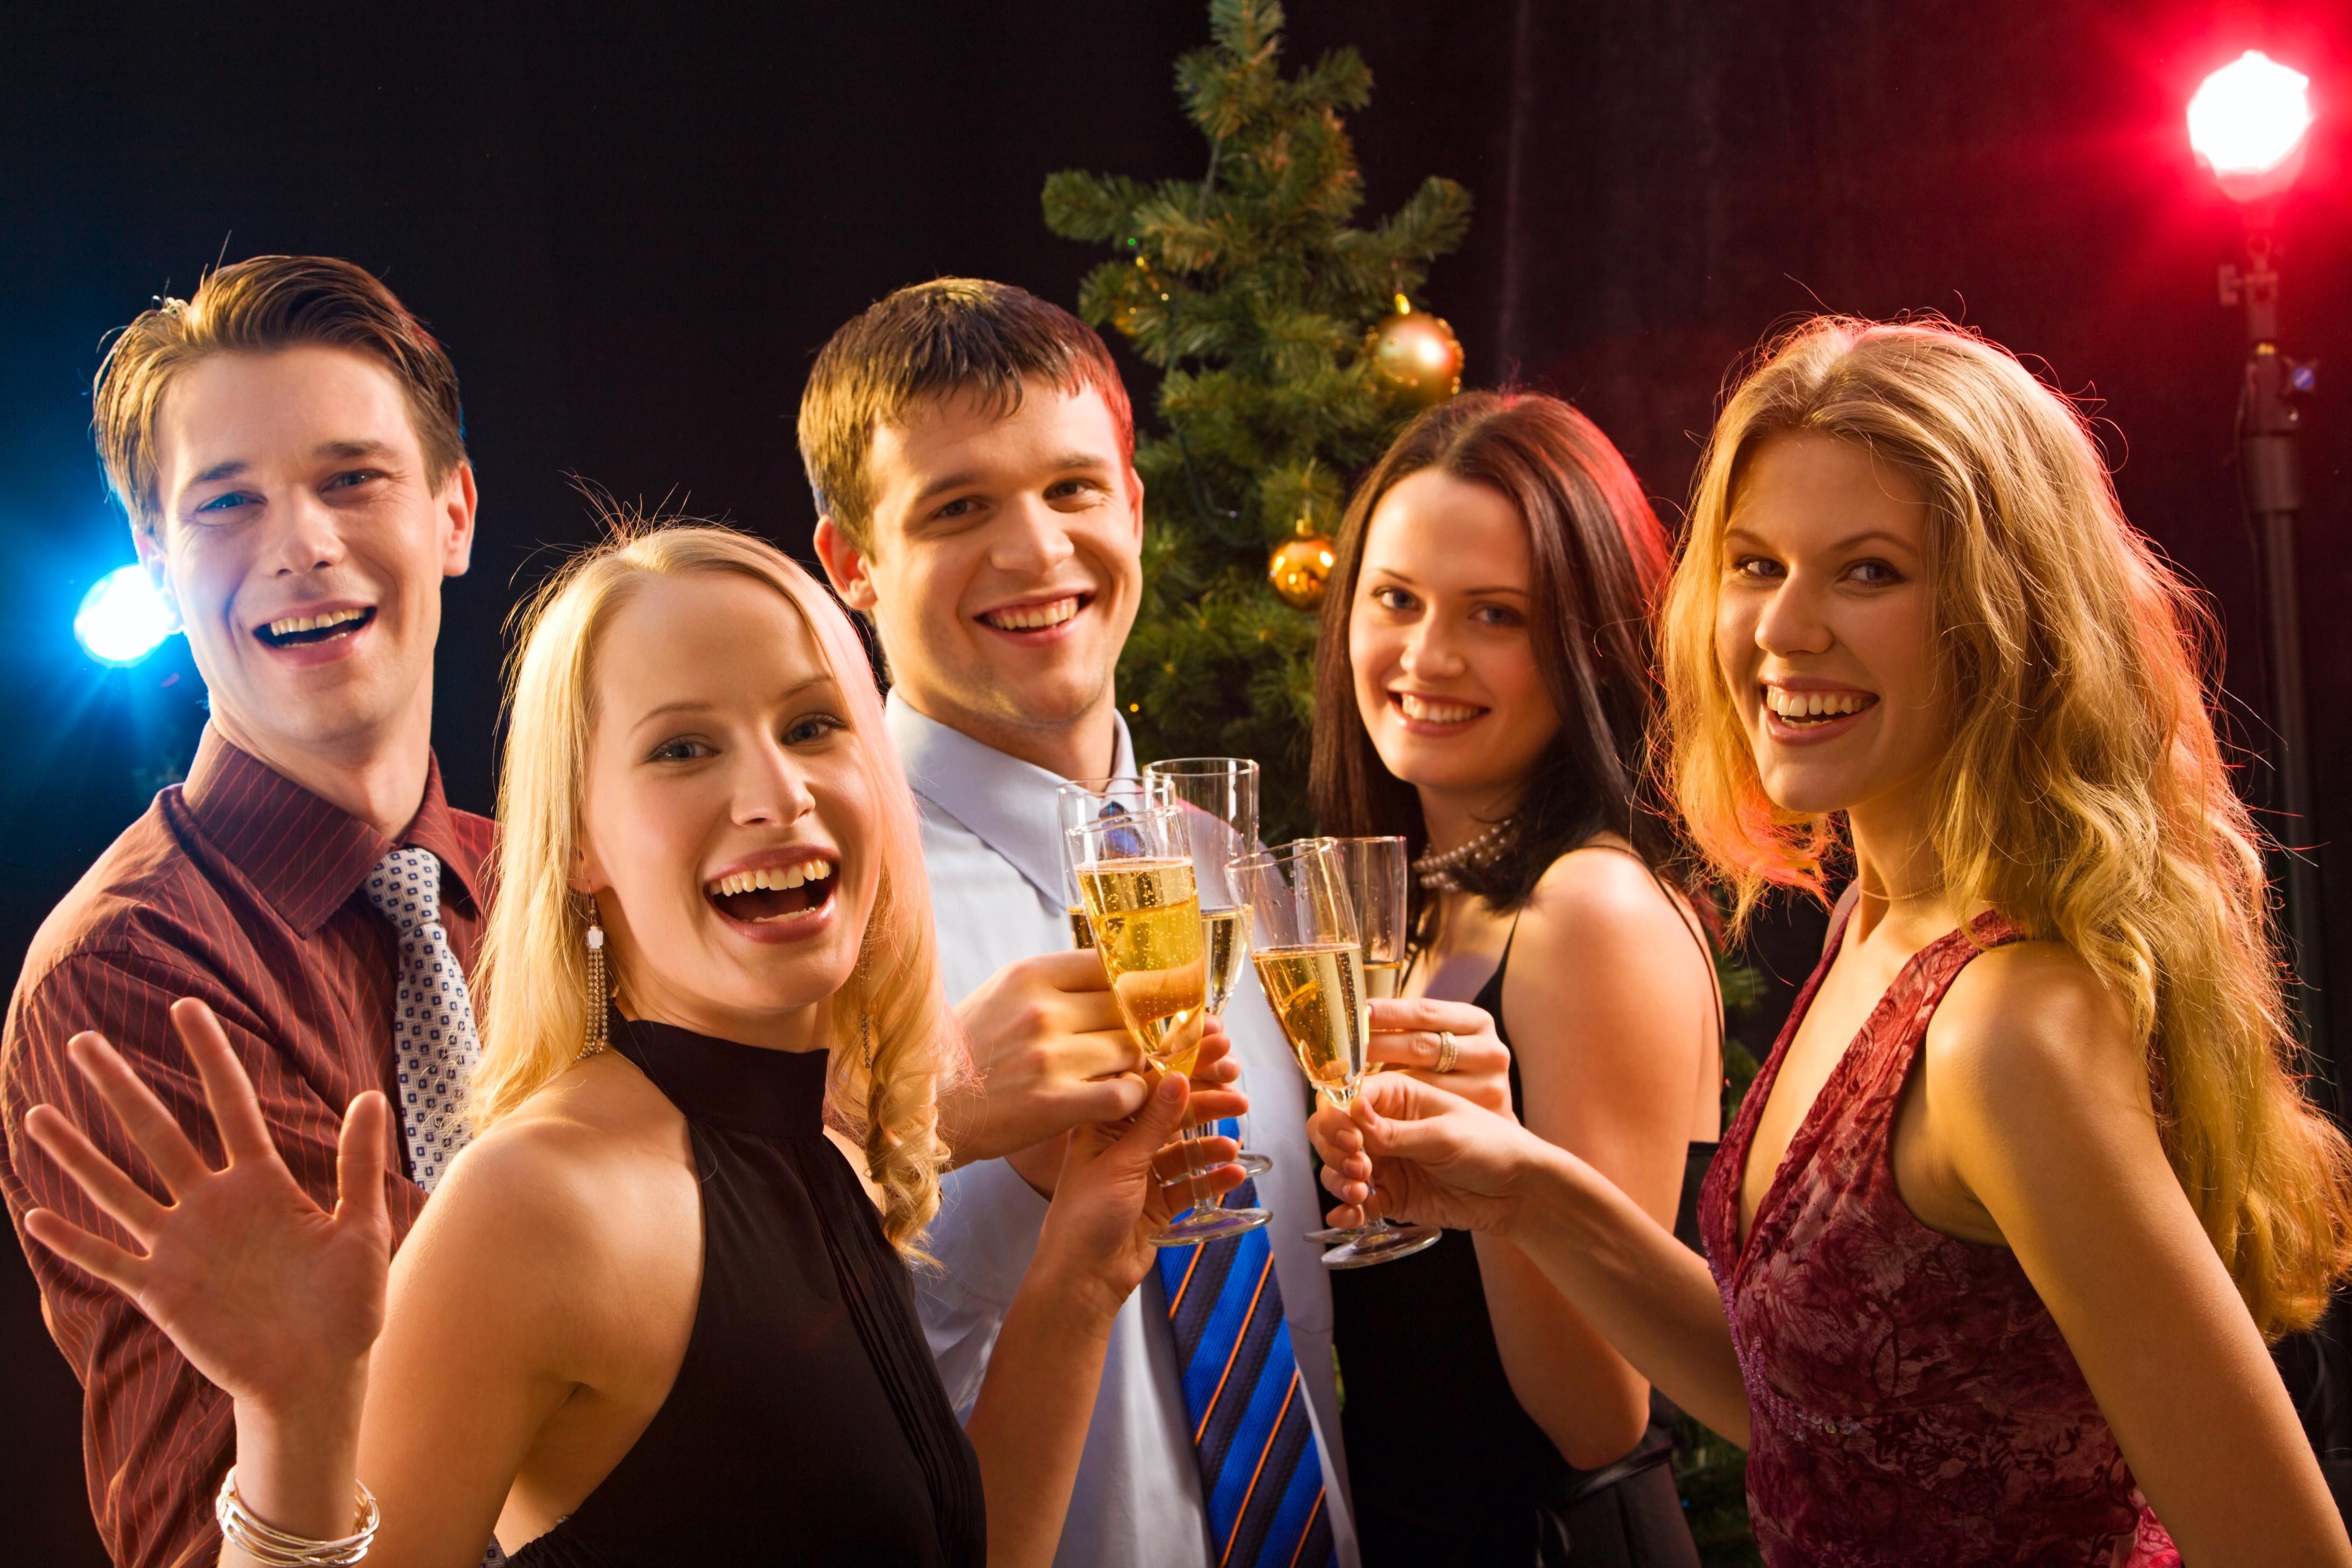 Как провести новый год с друзьями чтобы было весело